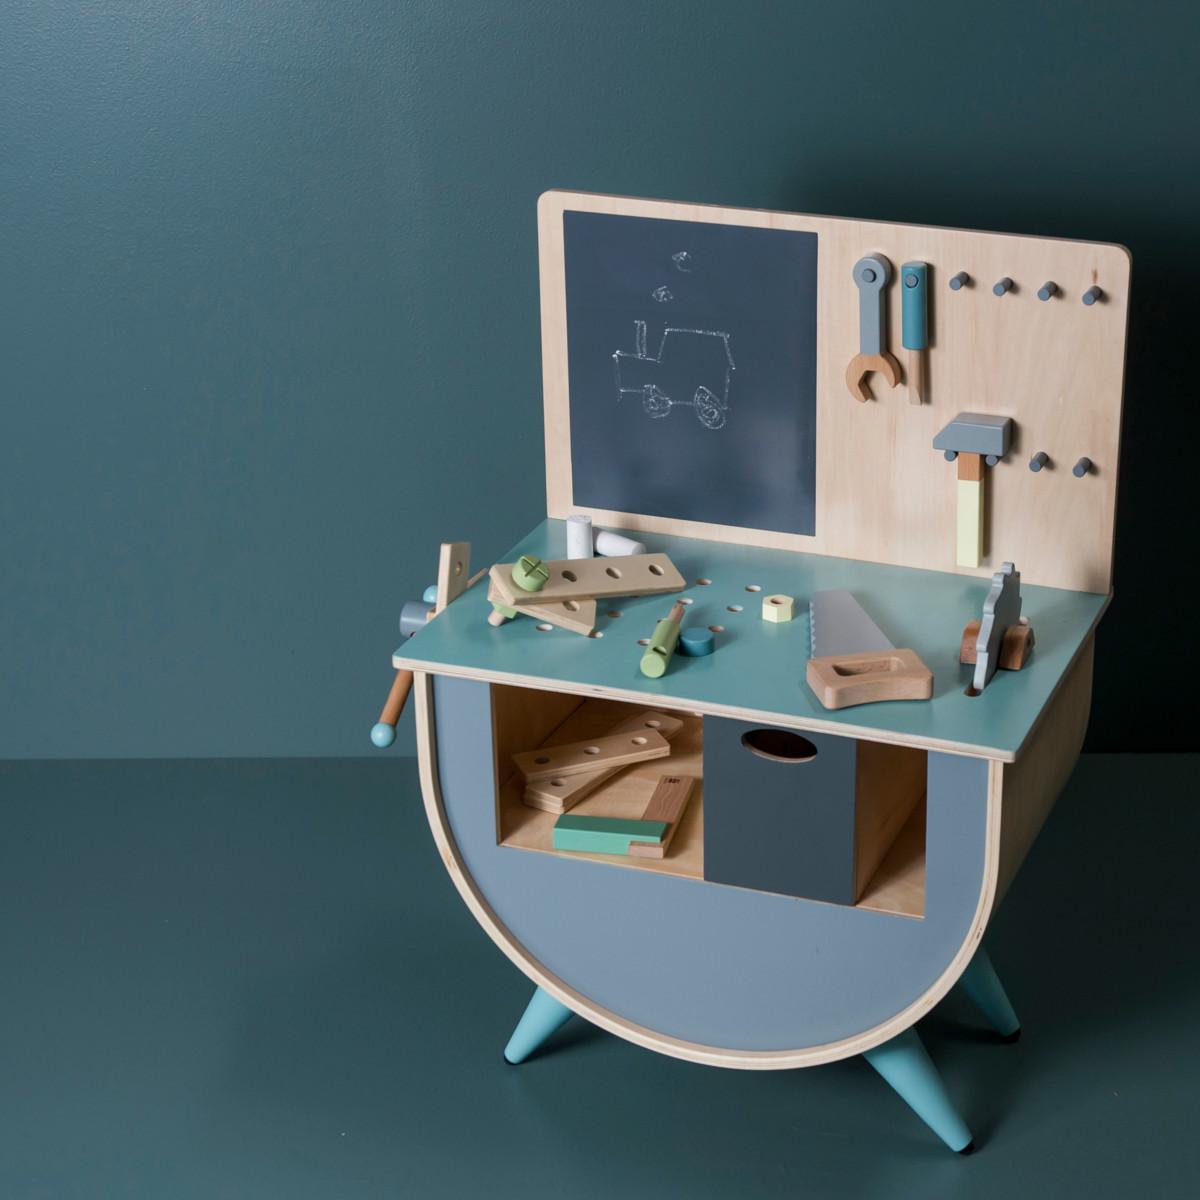 ziemlich werkb nke holz bilder die kinderzimmer design ideen. Black Bedroom Furniture Sets. Home Design Ideas